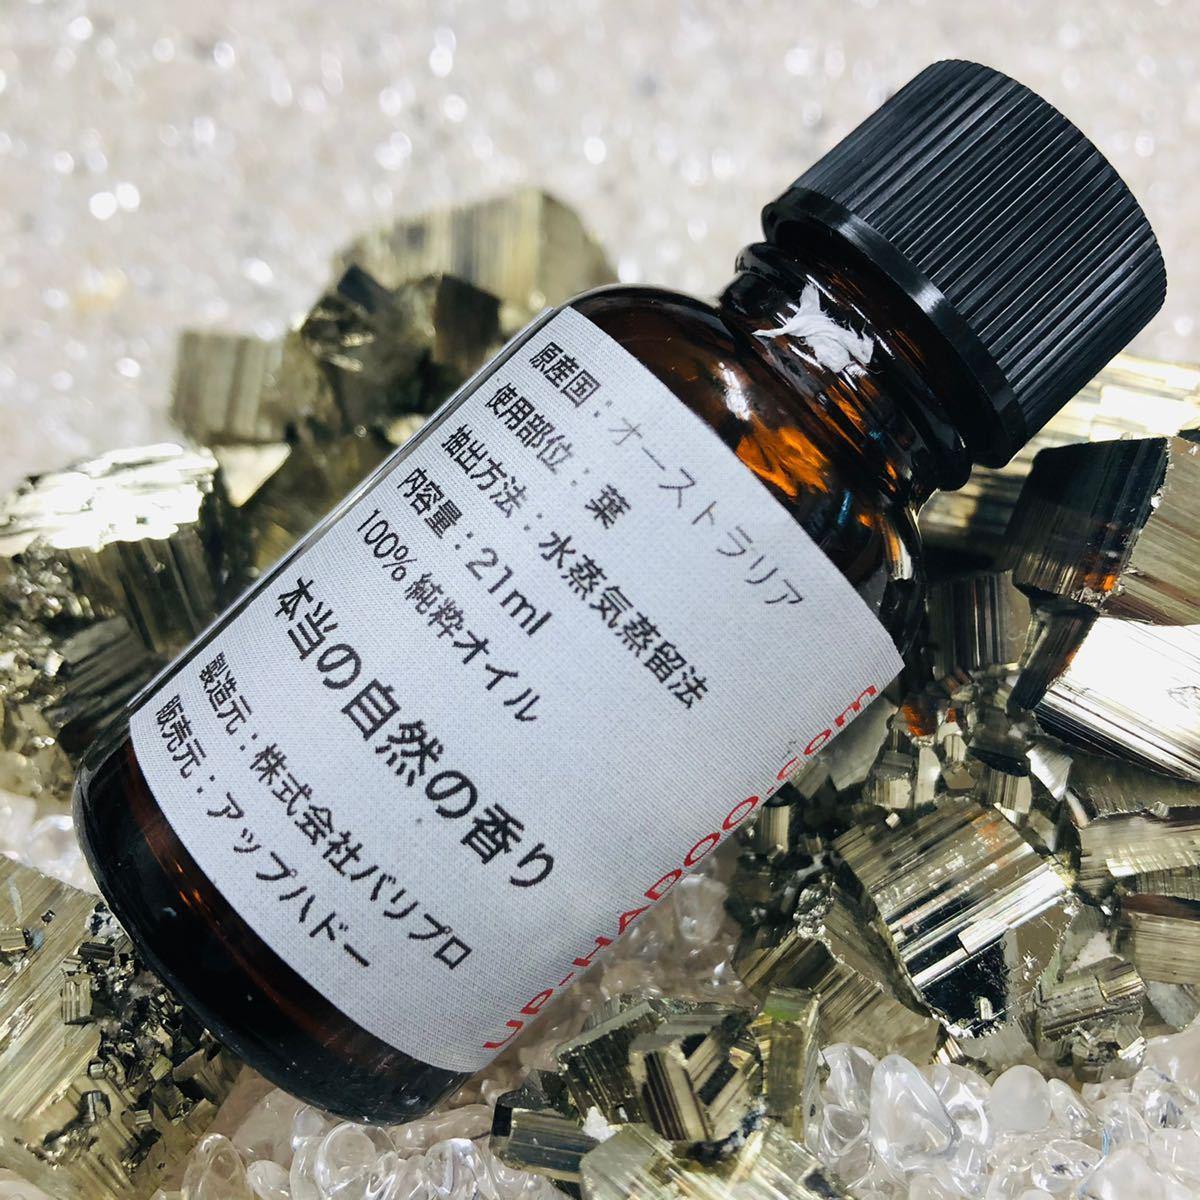 純粋レモンユーカリ 13ml エッセンシャルオイル オーストラリア産 レモン 精油 UP HADOO アロマオイル